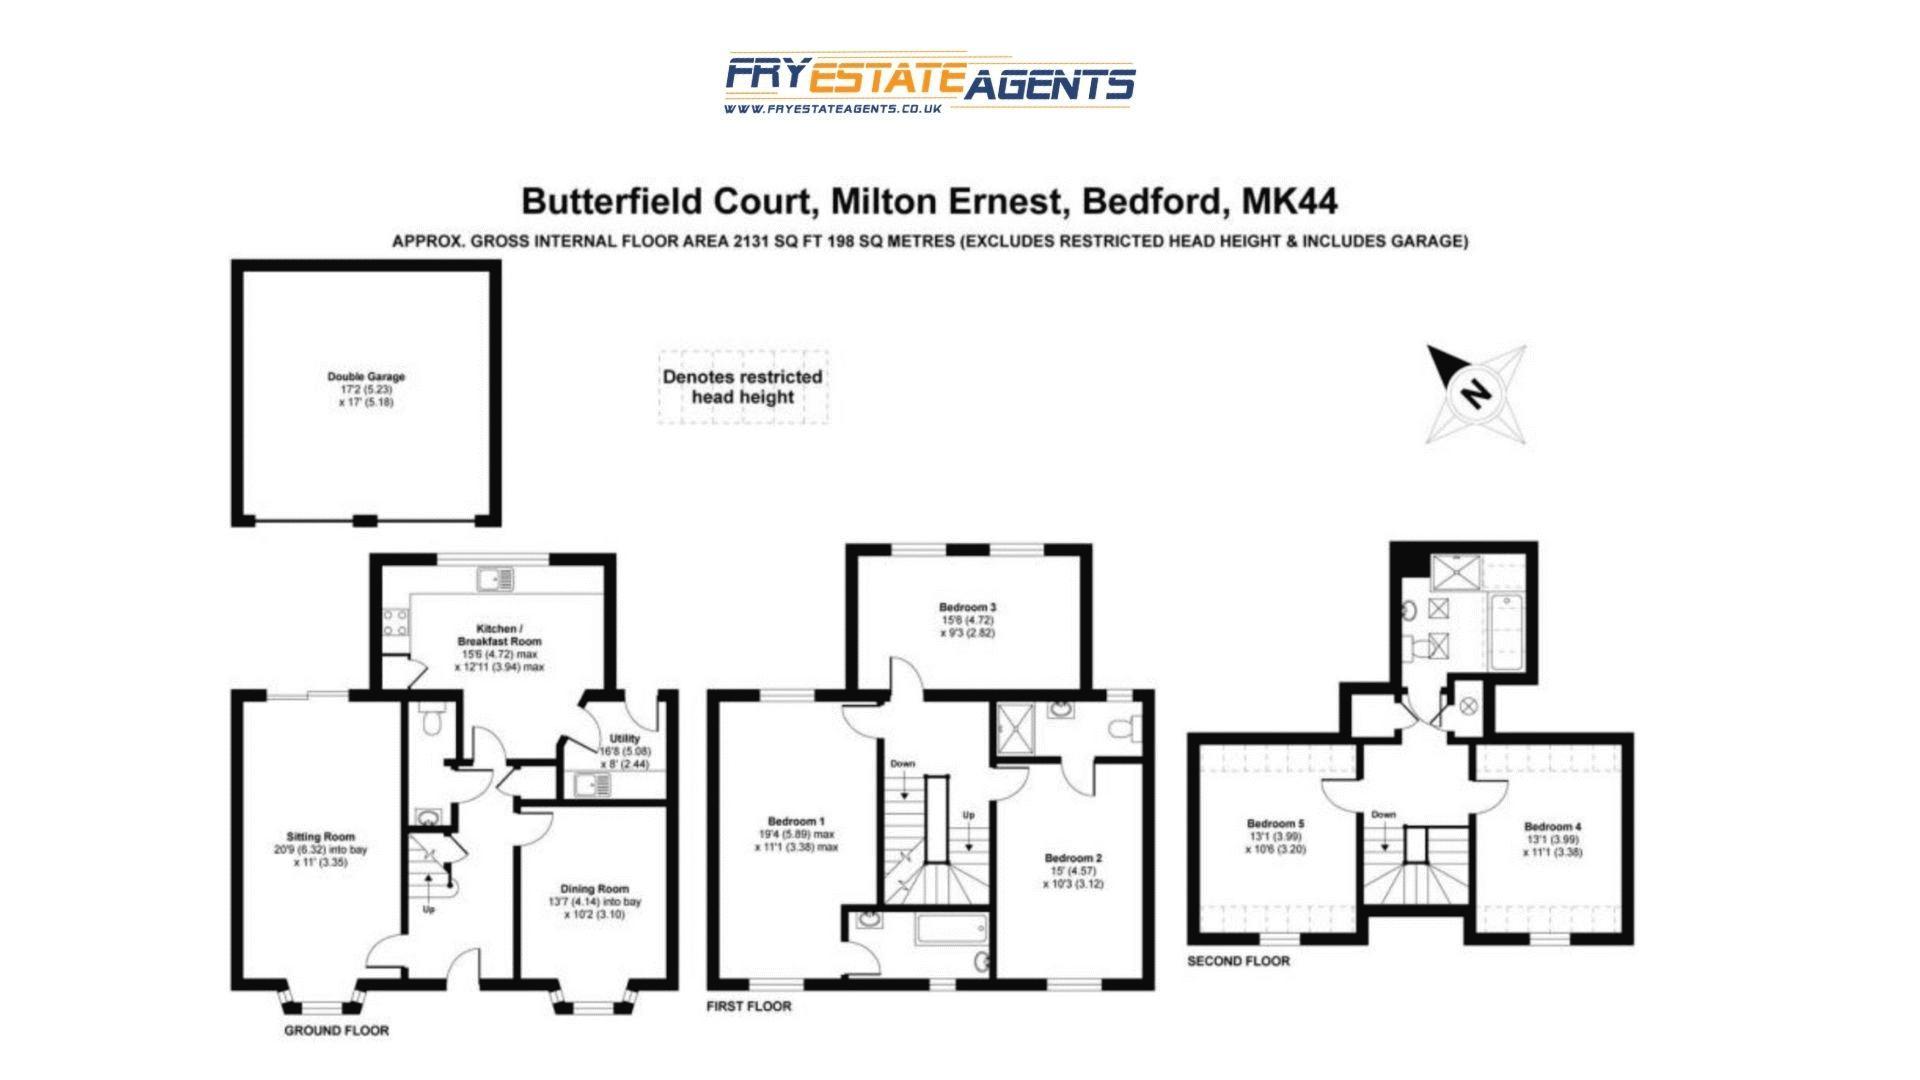 Butterfield Court Milton Ernest